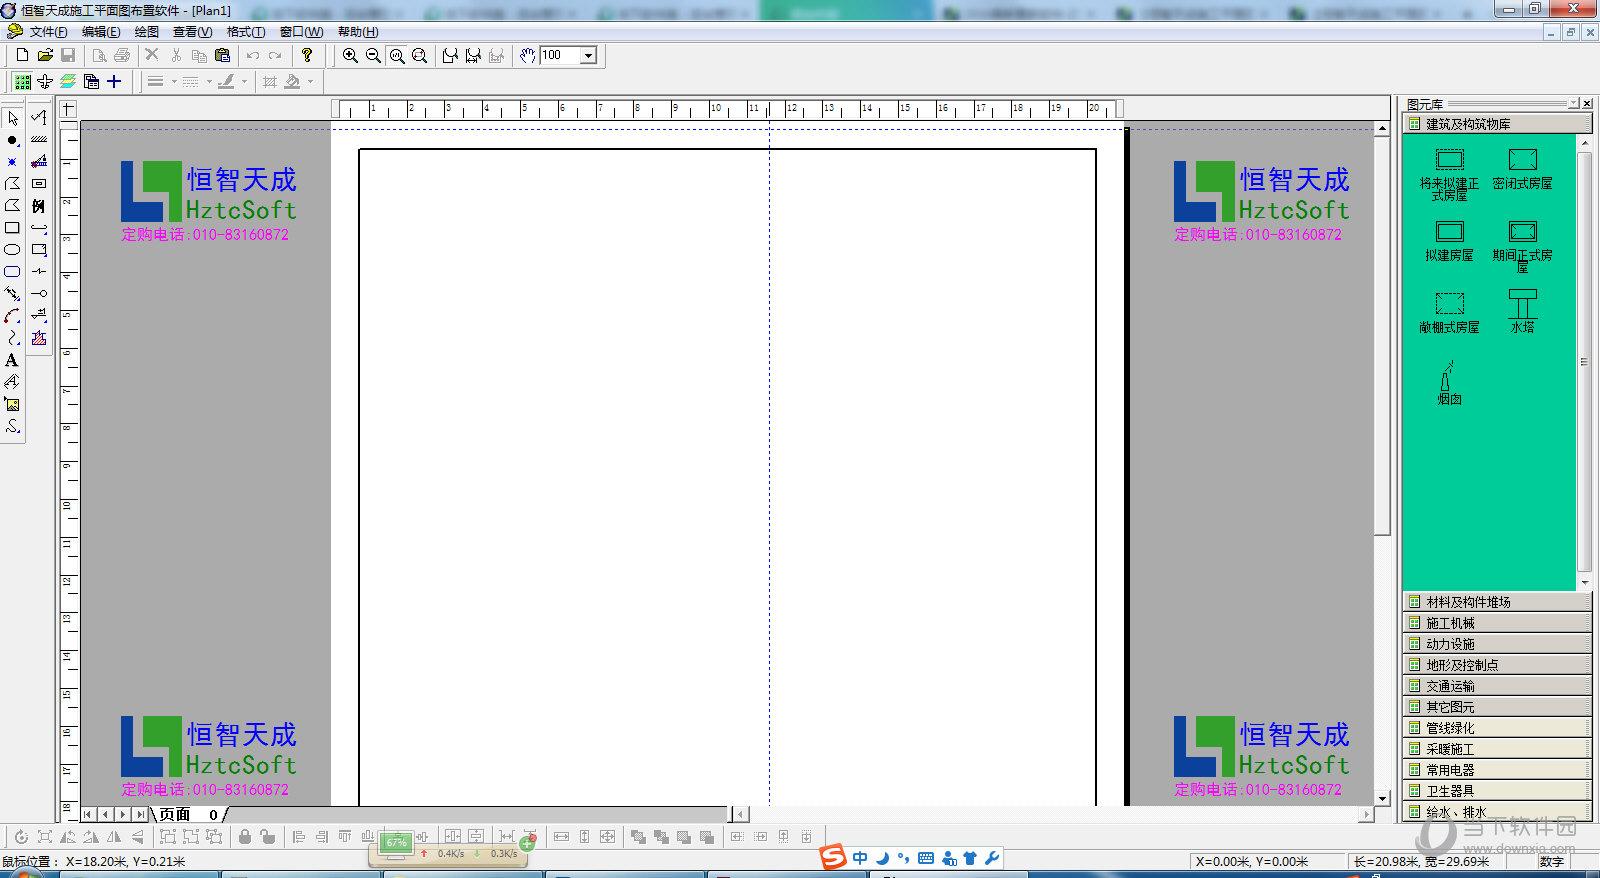 图像制作 图像制作软件 图片制作软件 第27页